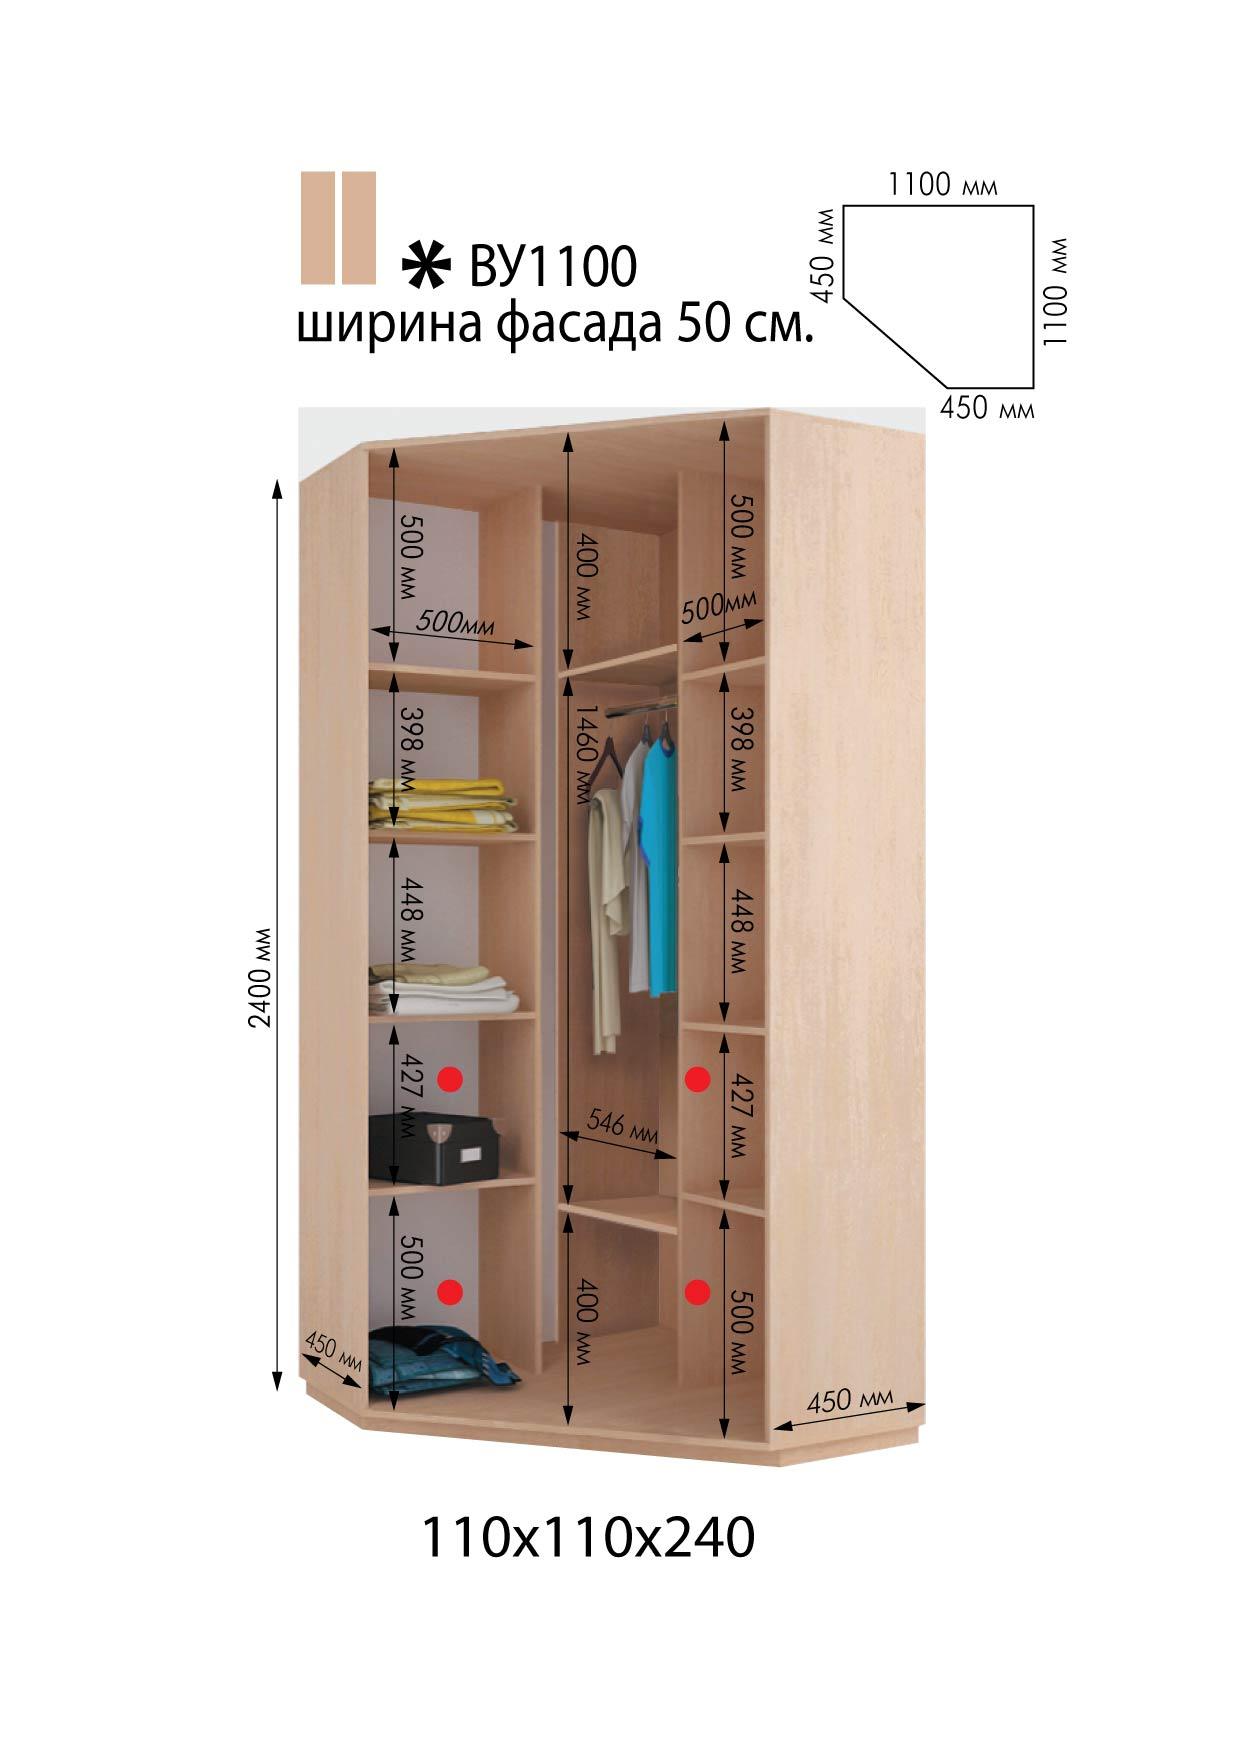 Комплект ящиков ф50 (500*500) киев. готовый стандартный шкаф.